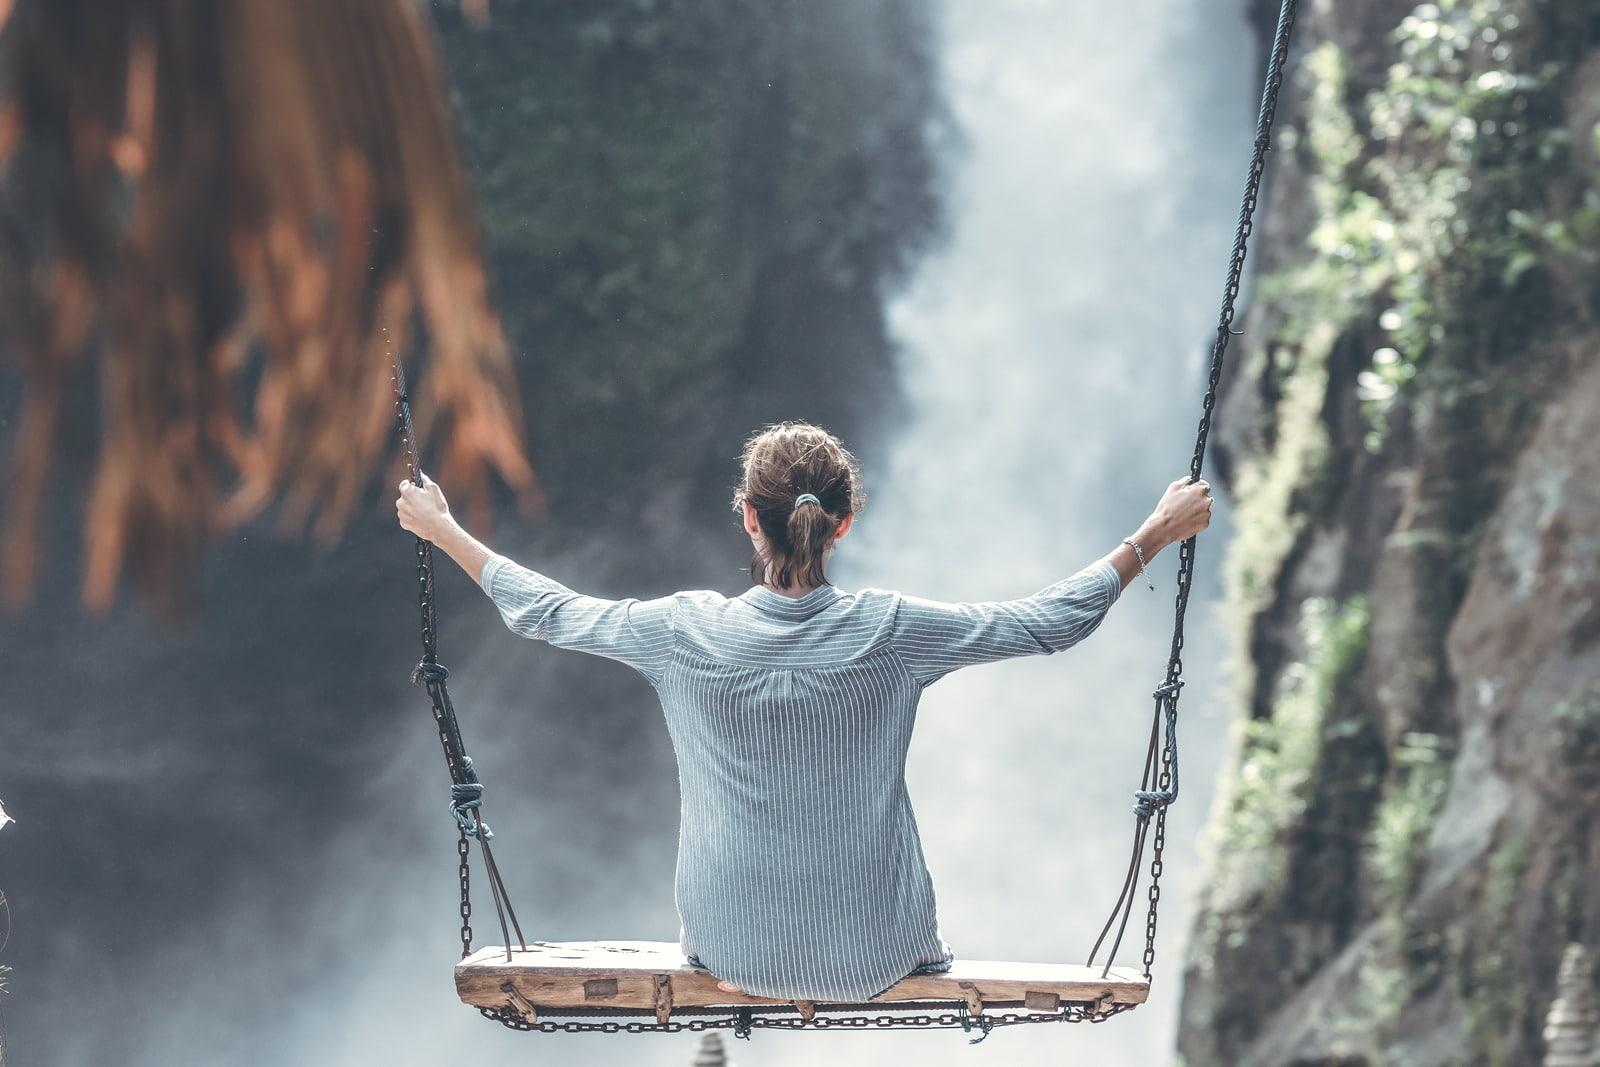 vrouw schommel bergen schommelstoel landschap